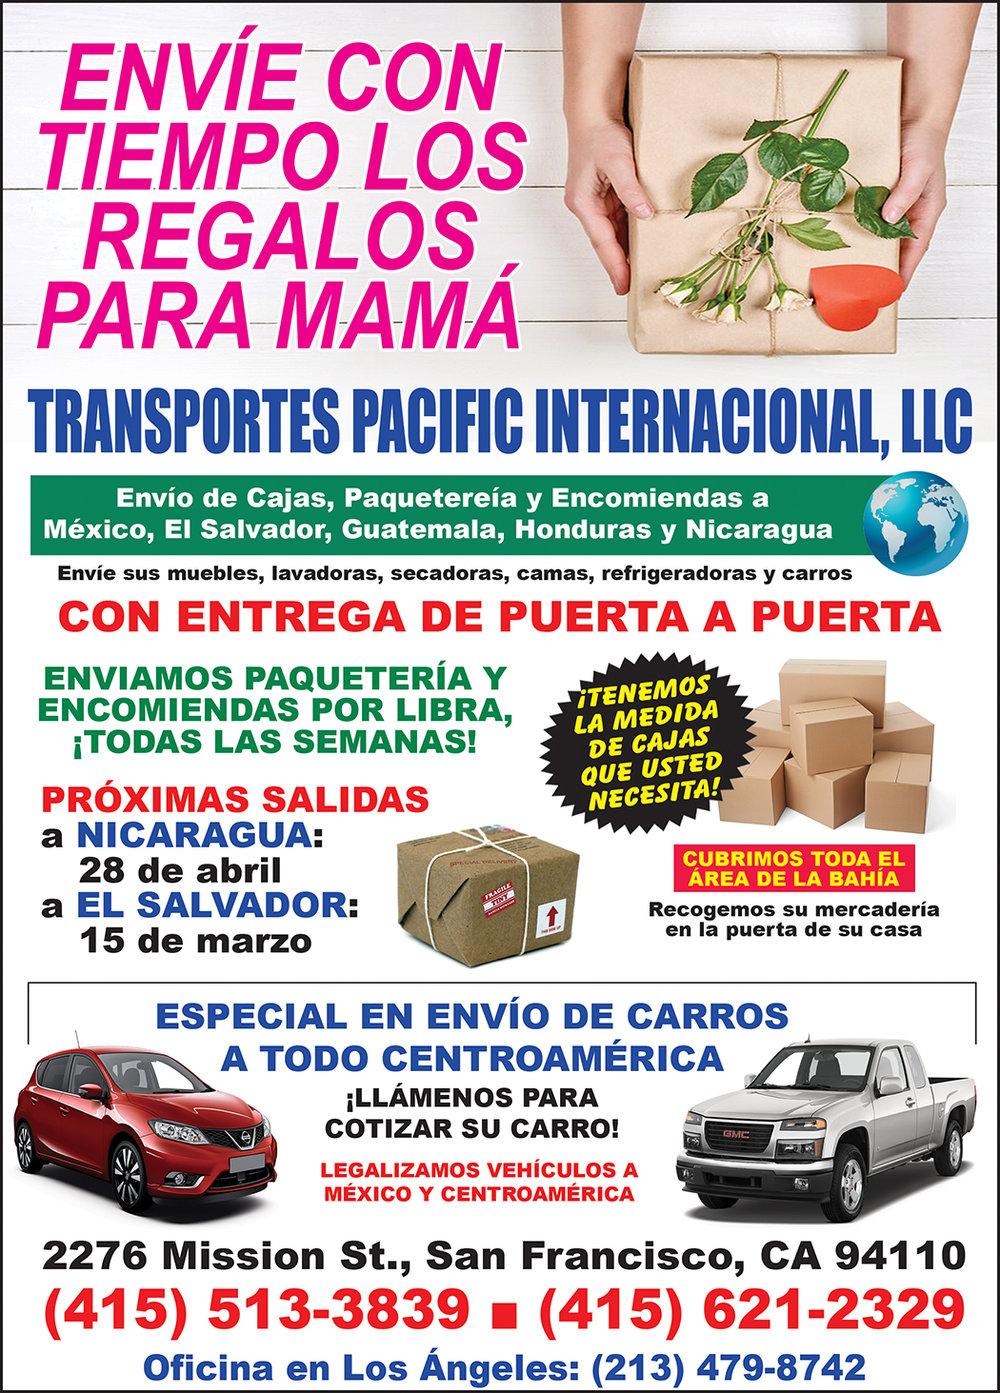 Transportes Pacific Internacional 1 Pag mARZO 2019.jpg